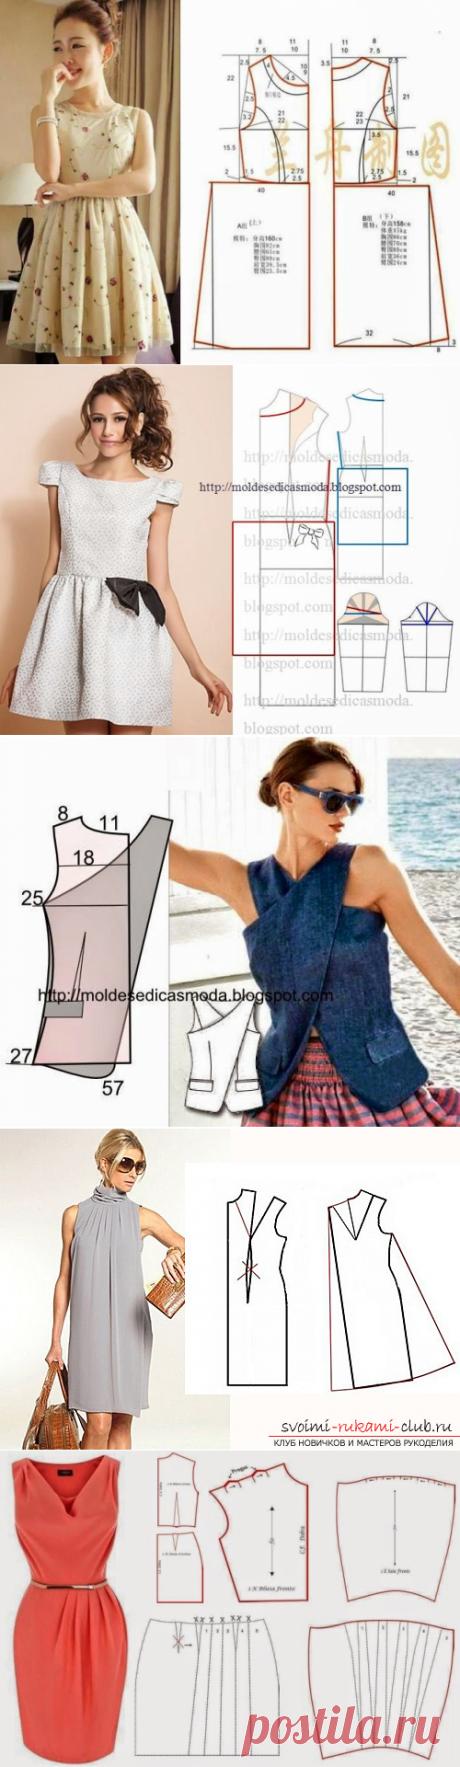 Блузки и платья с выкройками на любой вкус! » Женский Мир